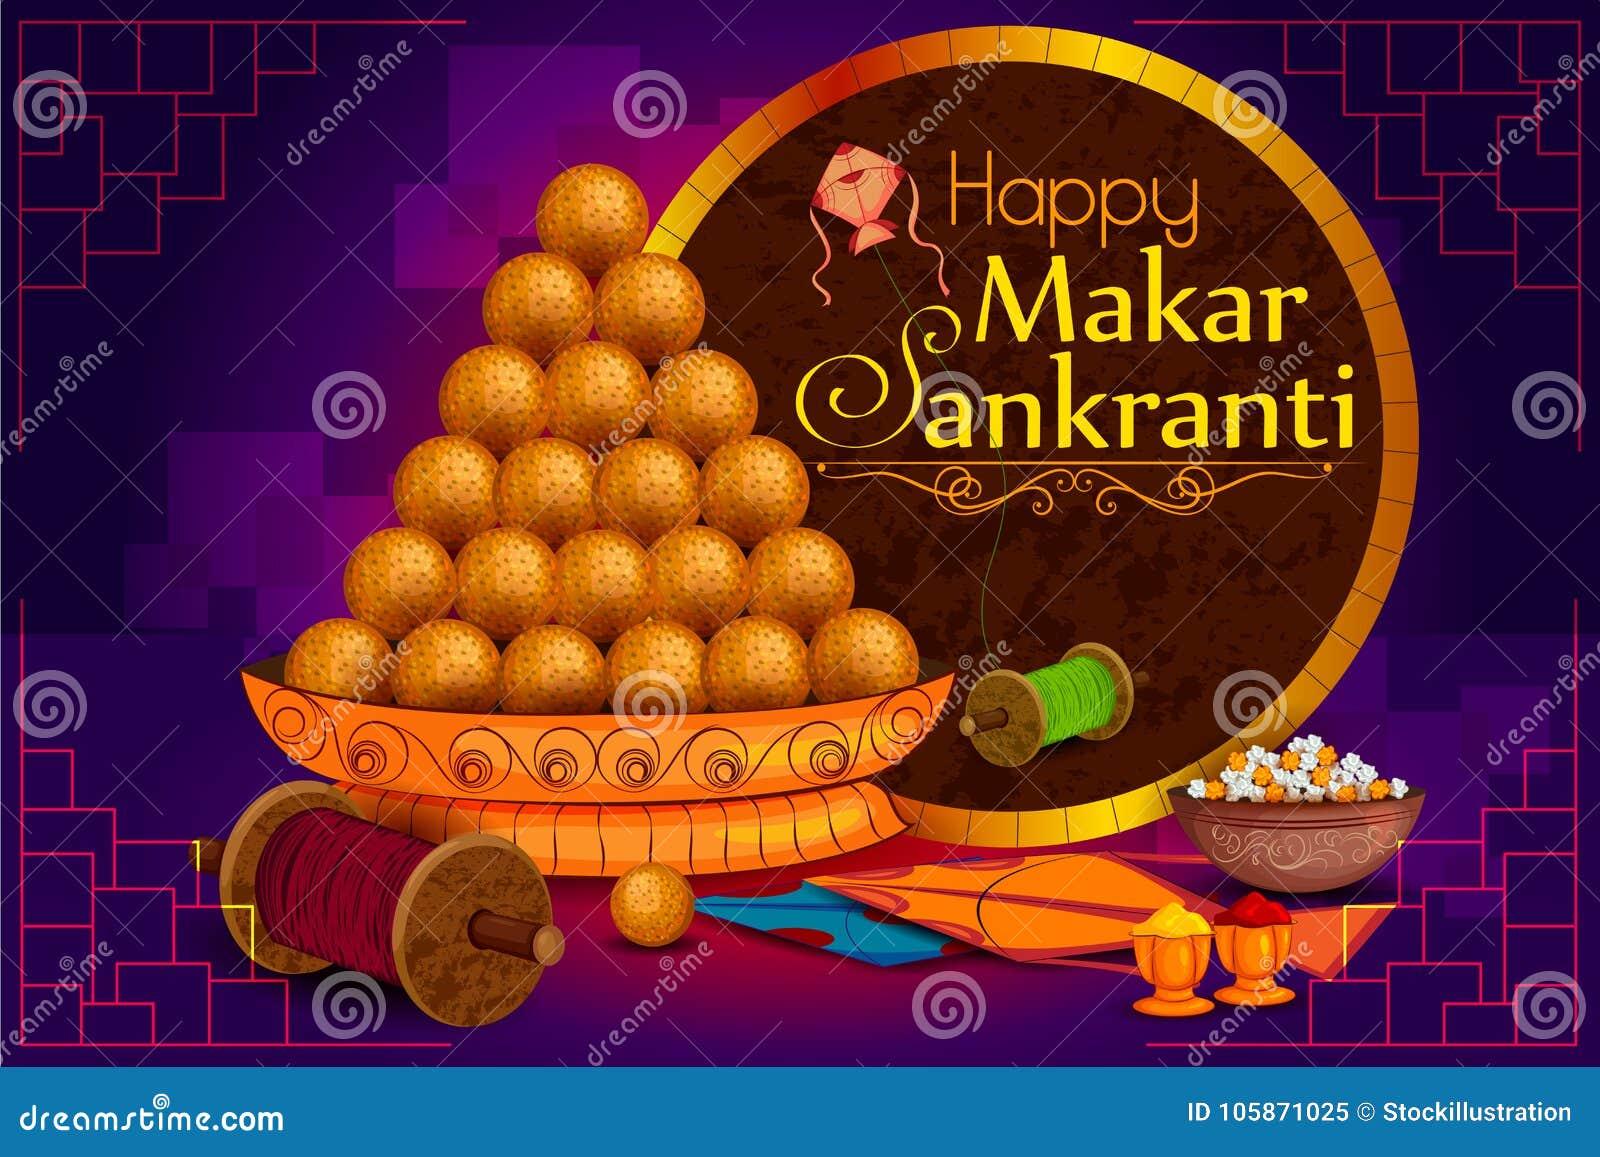 Cerf-volant doux et coloré délicieux pour le festival indien, Makar Sankranti